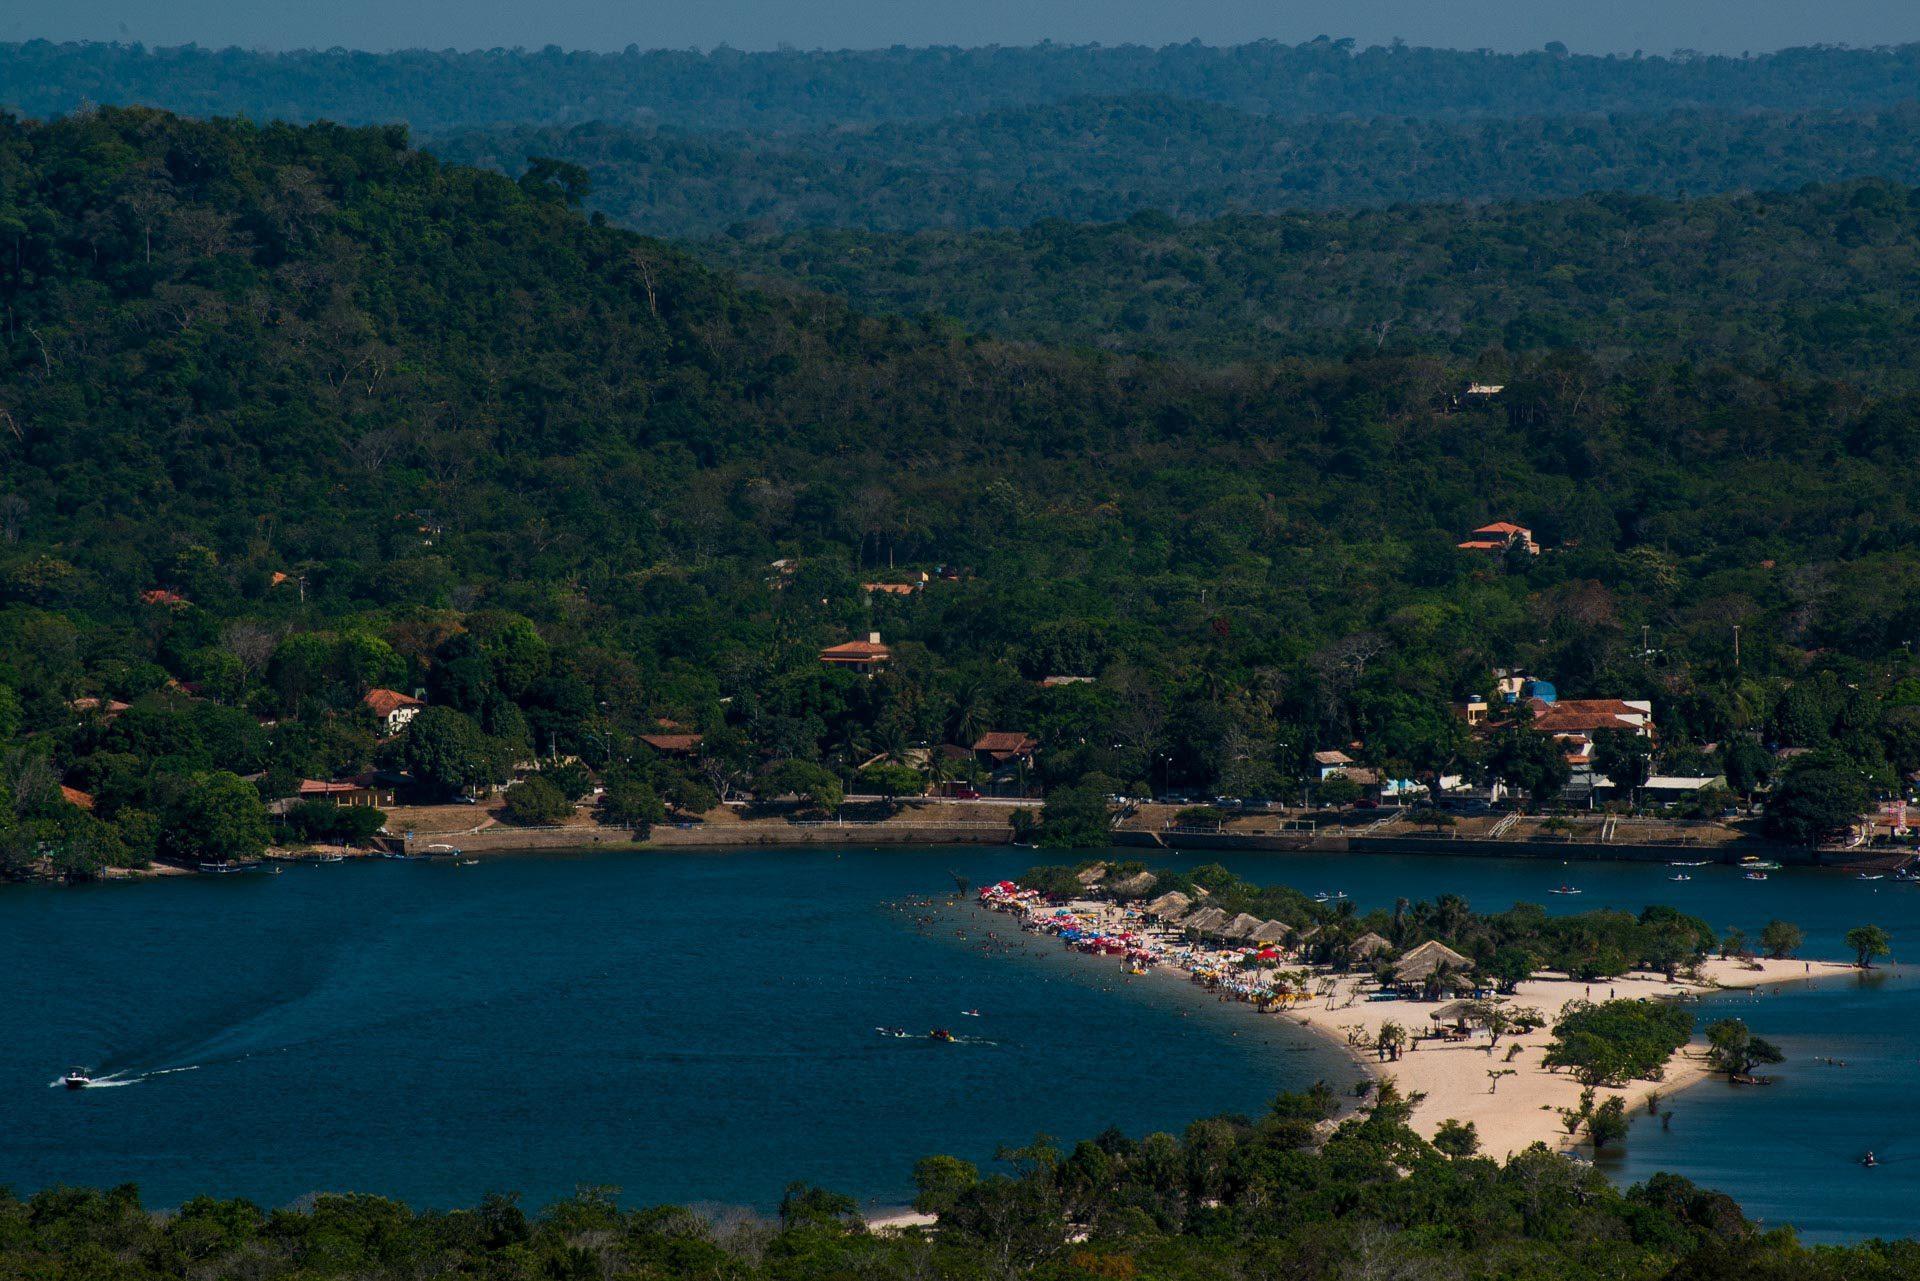 Vista da Serra da Piroca - Alter do Chão - Santarém - Pará